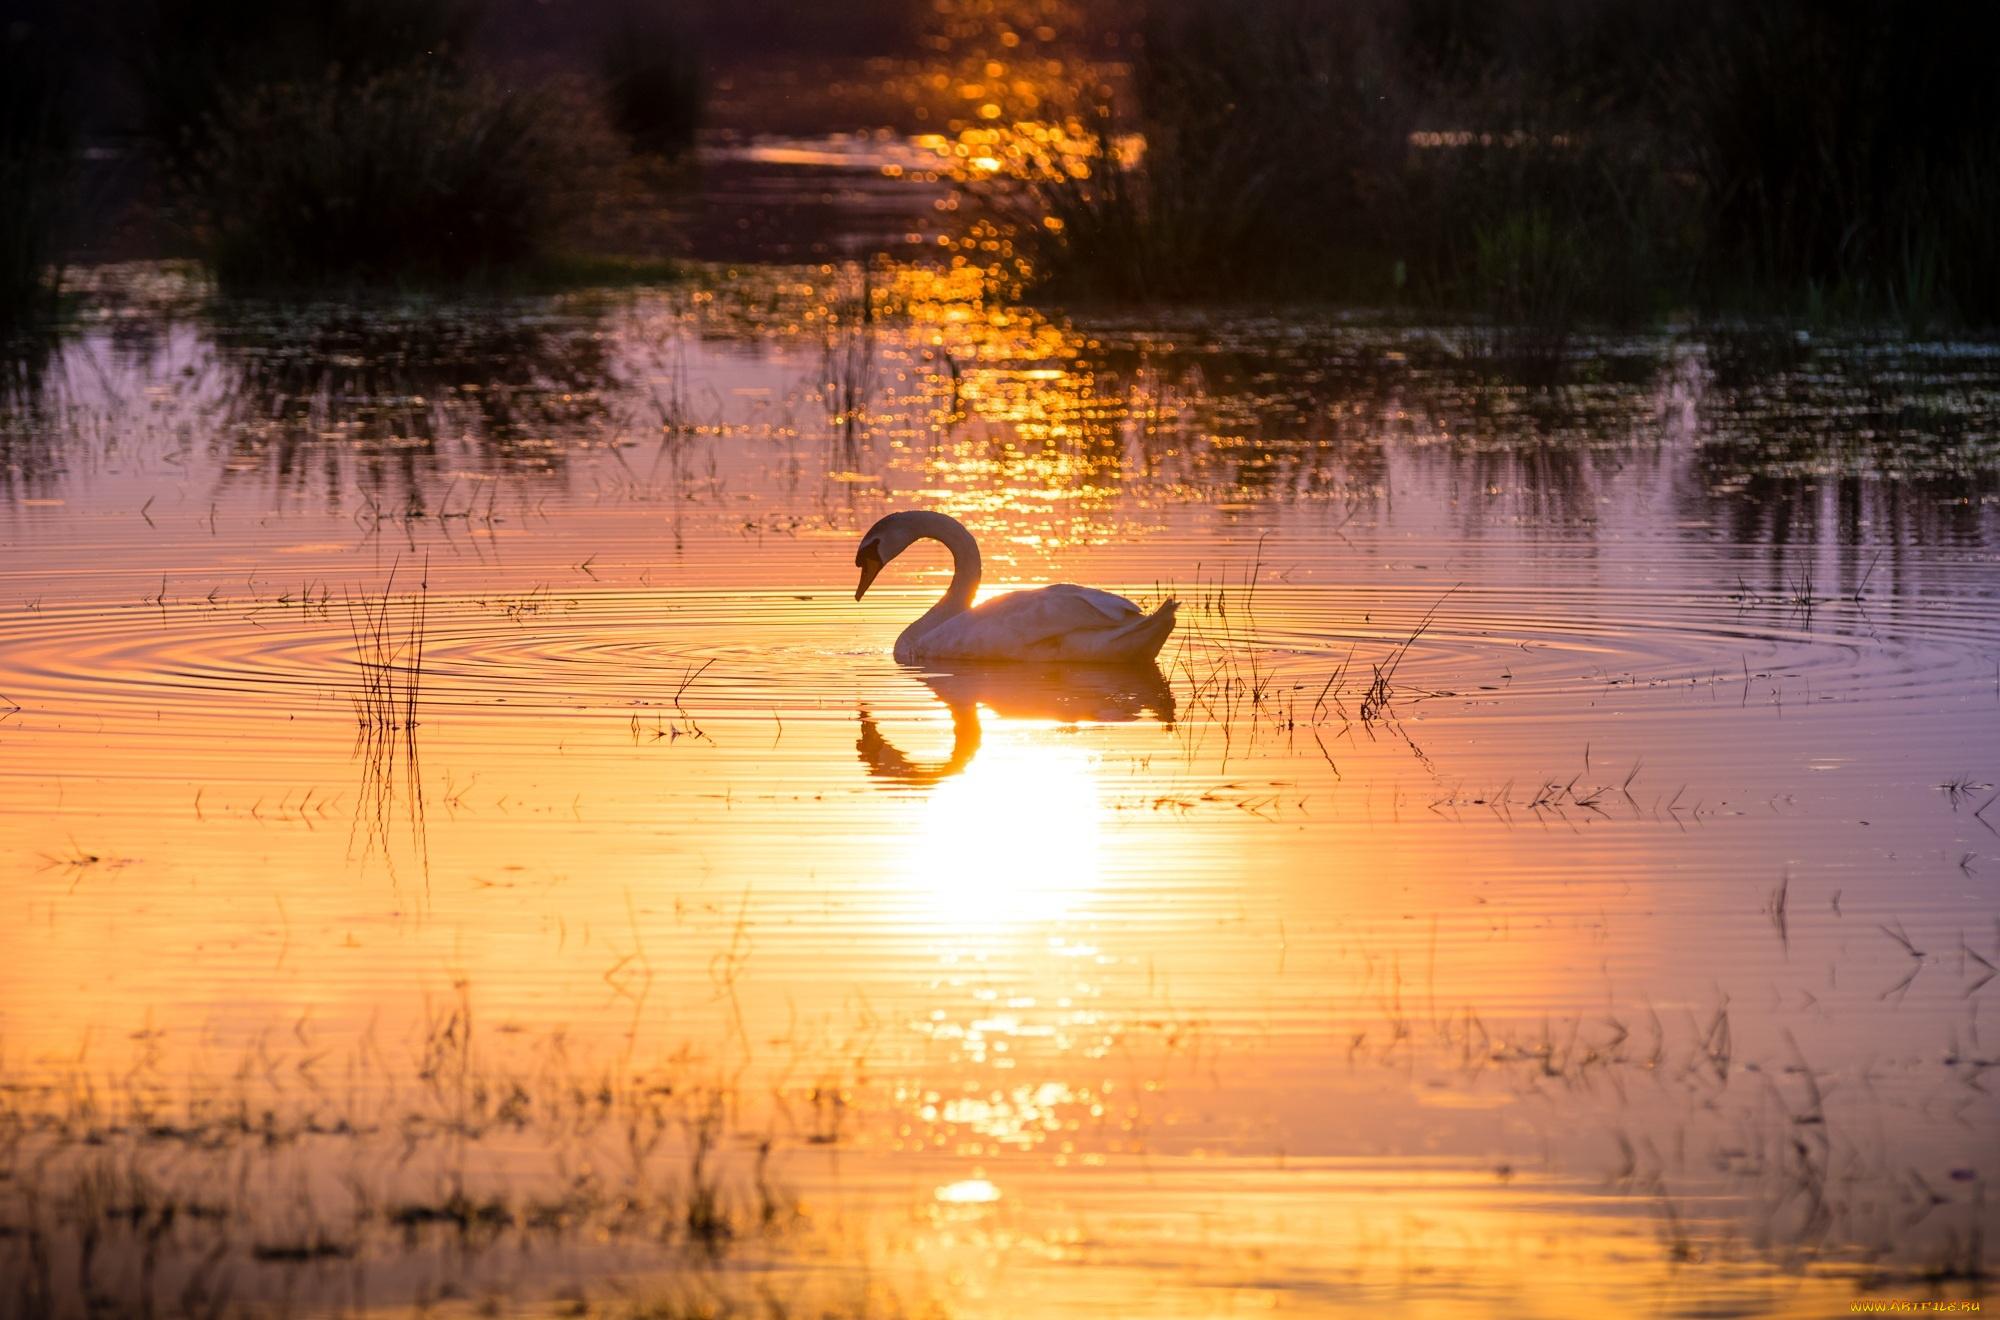 Закат и лебедь без смс